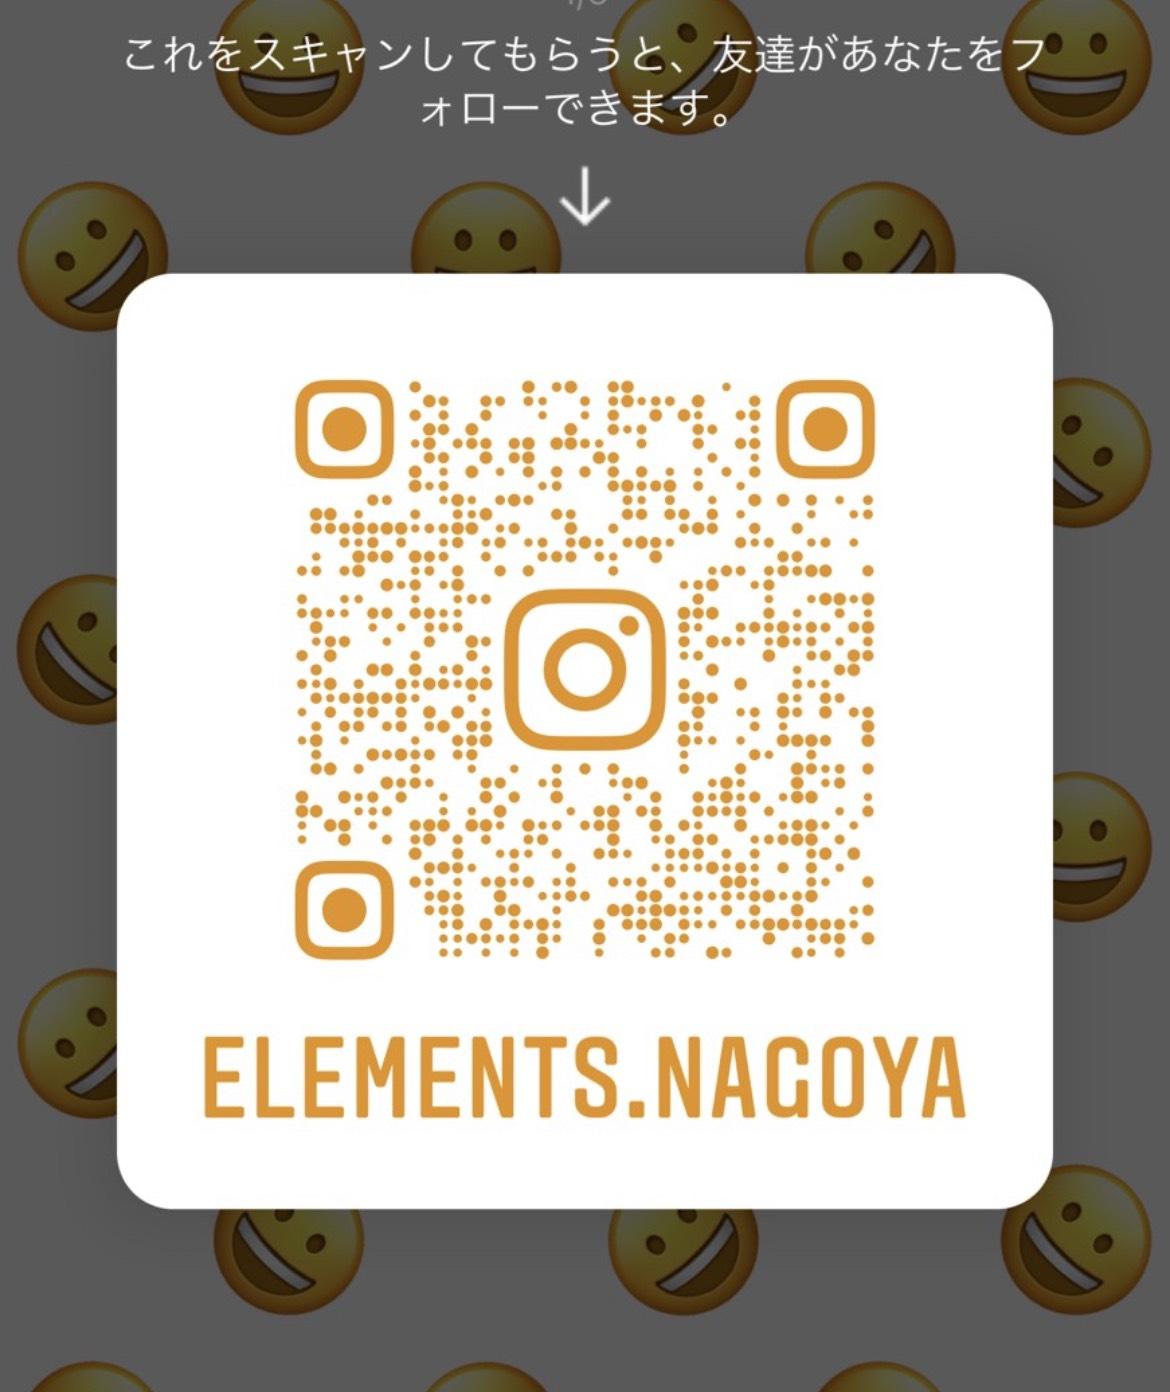 ELEMENTS nagoya